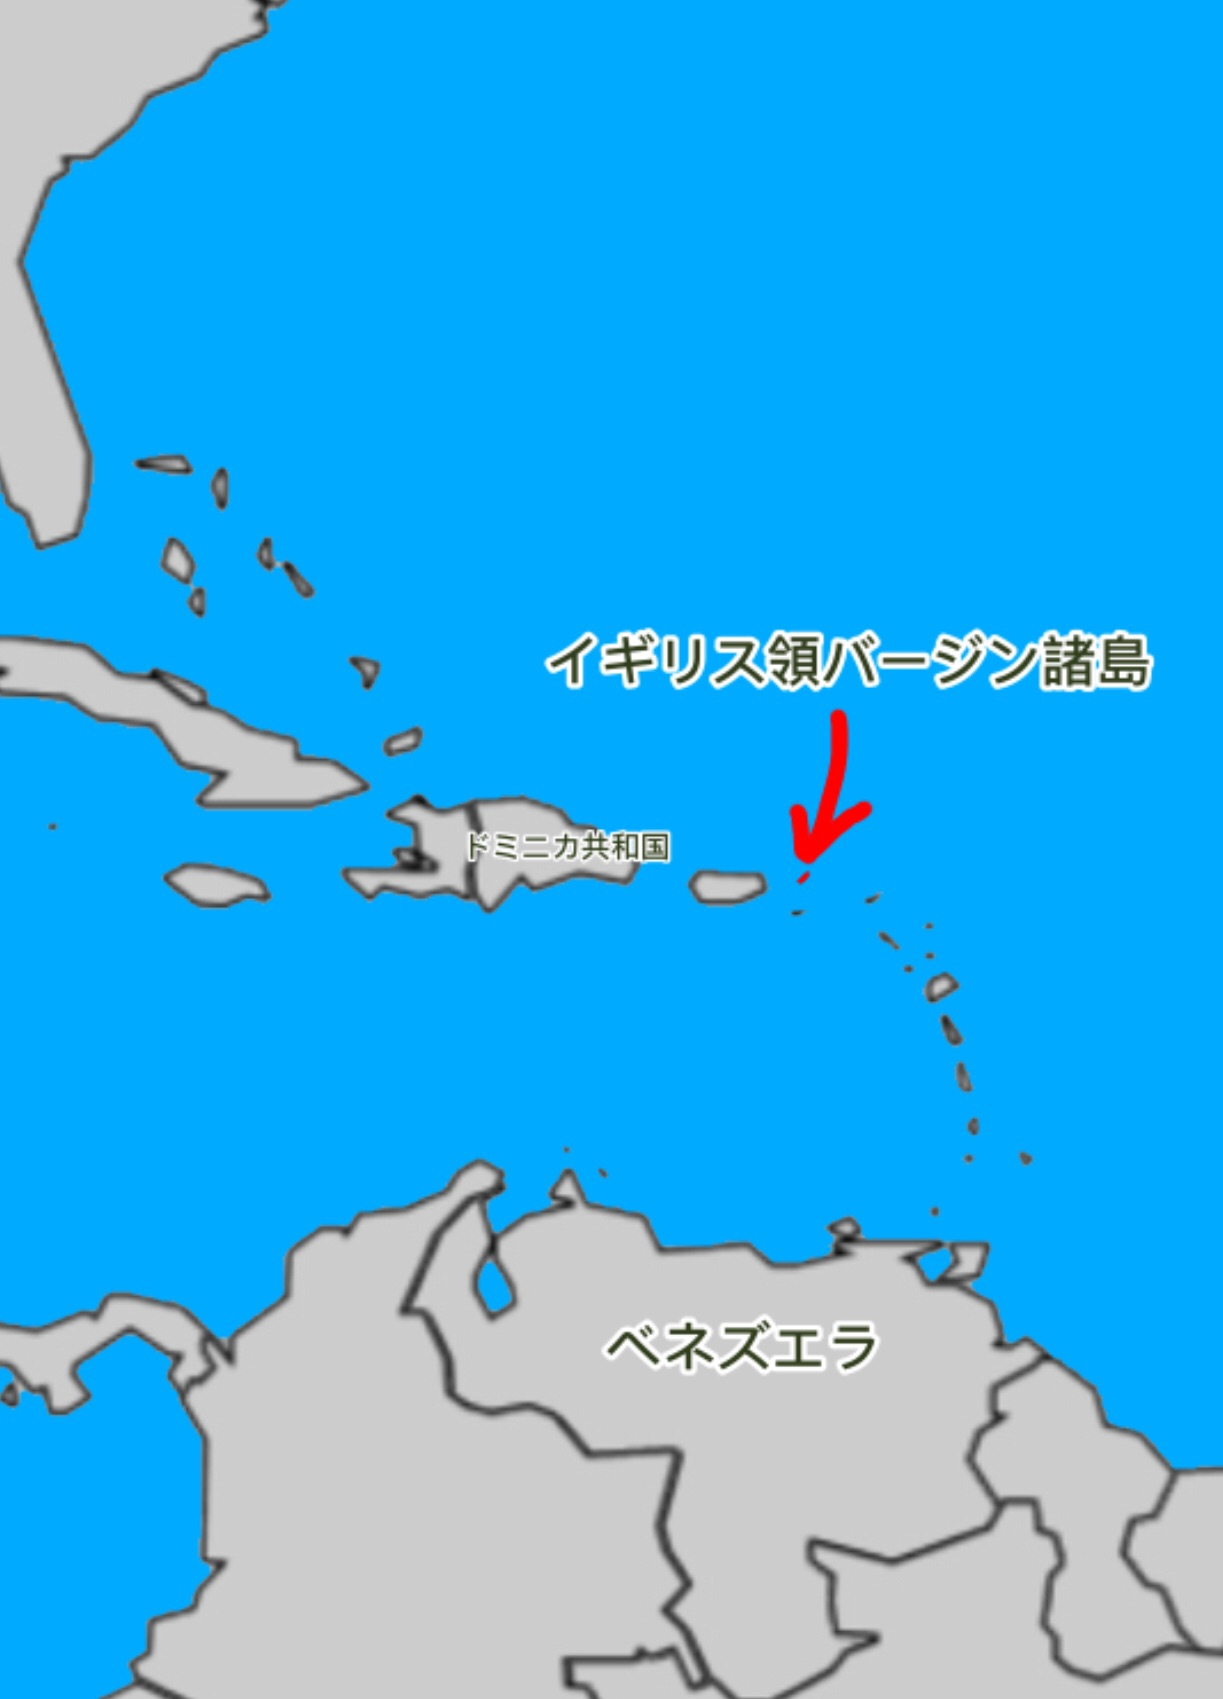 カリブ海領域 イギリス領バージン諸島   ラムコンシェルジュを目指して ...